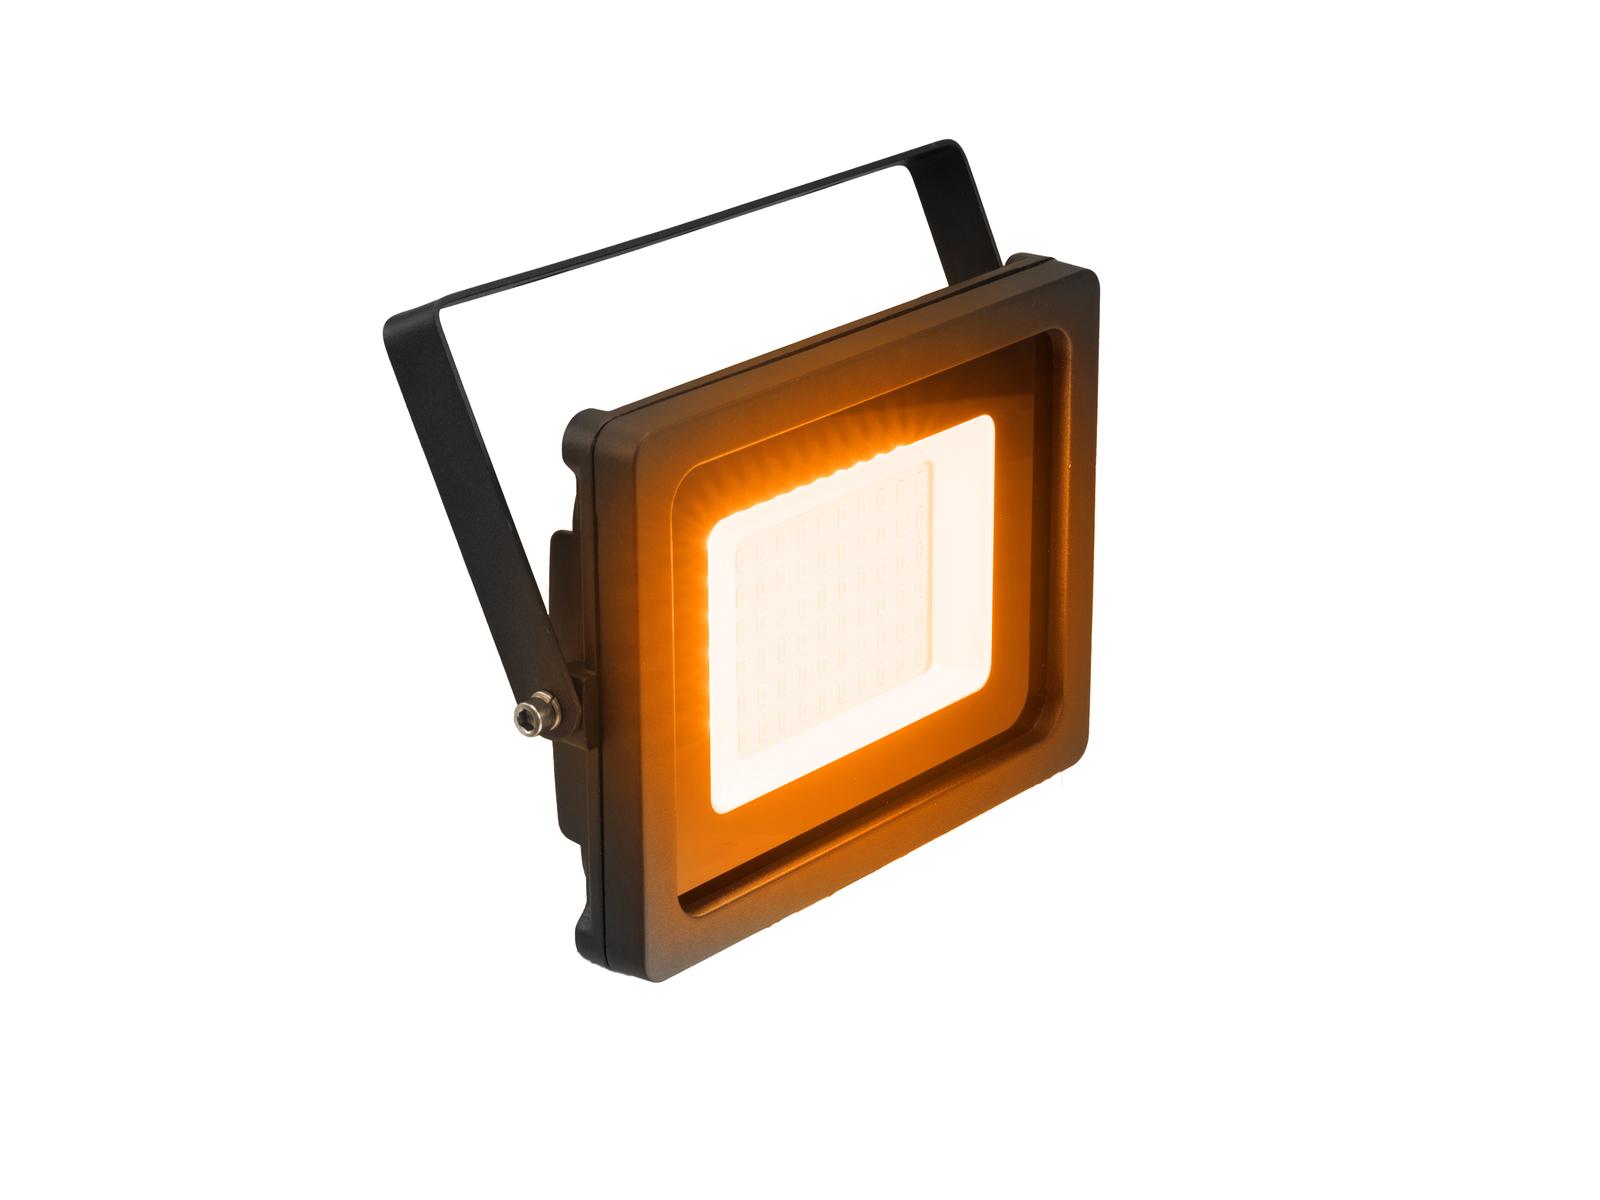 EUROLITE FL-30 Venkovní bodový reflektor, oranžový